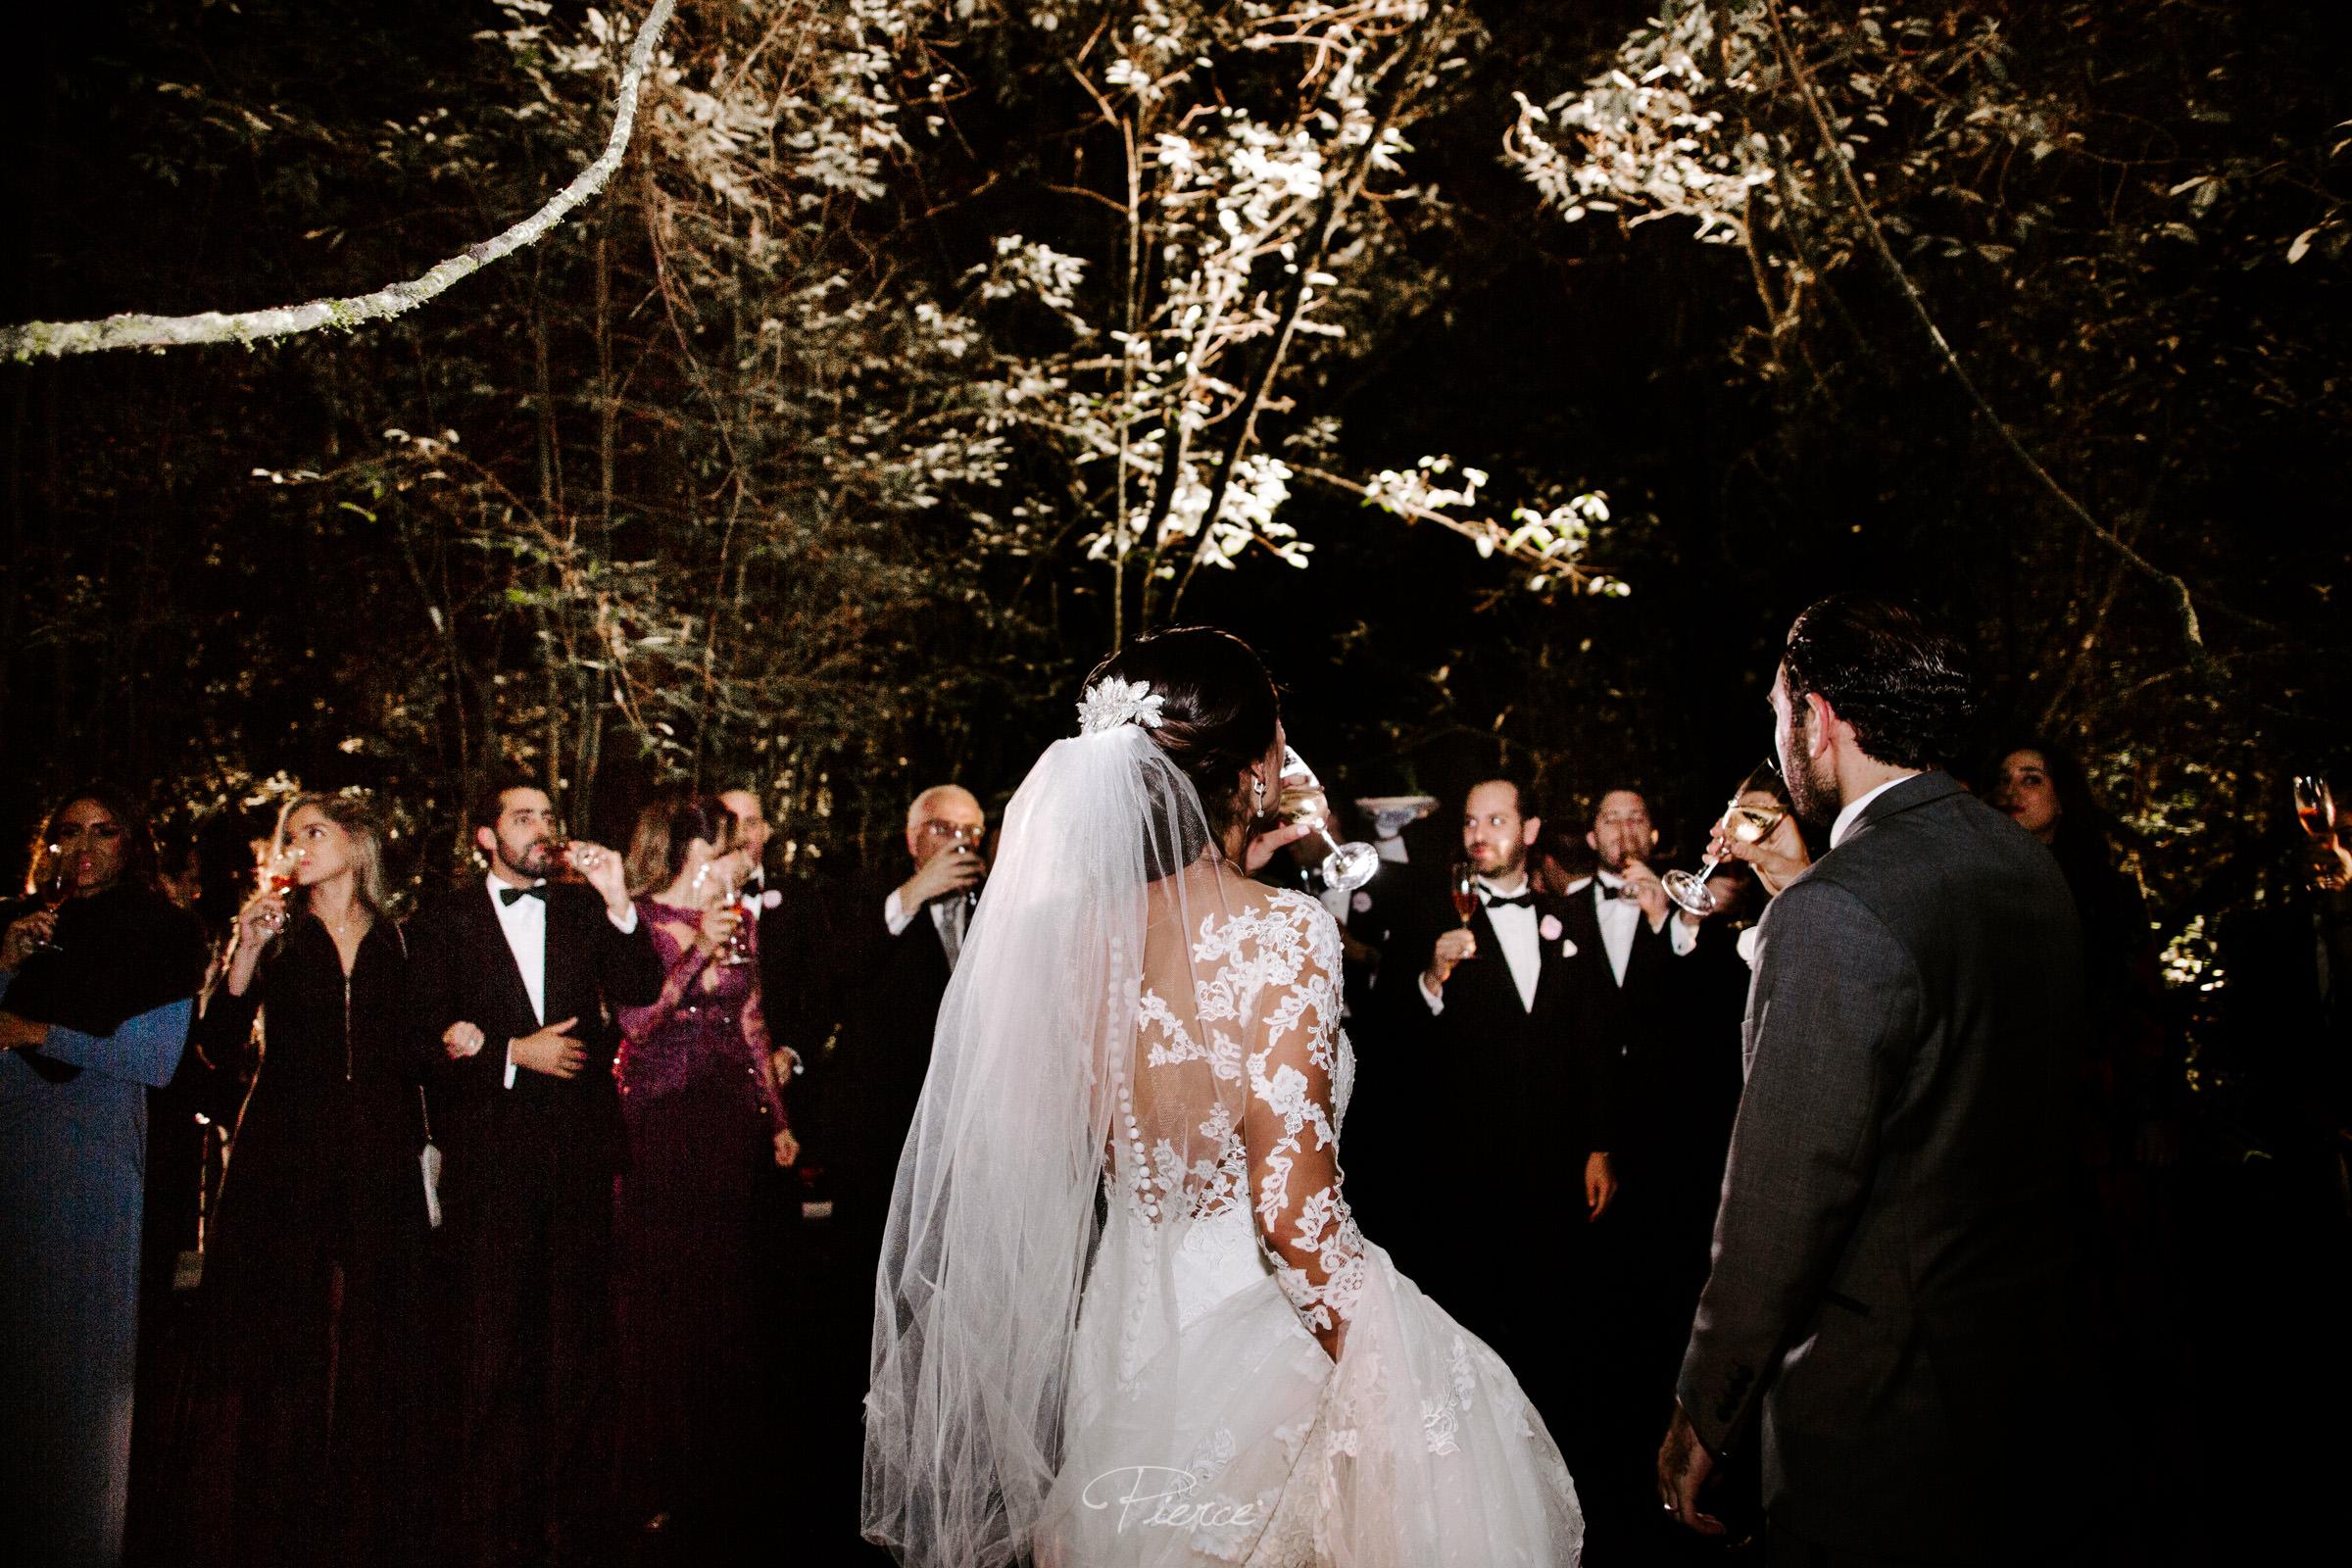 fotografia-de-boda-valle-de-bravo-mexico-rosmarino-pierce-weddings-0136.JPG